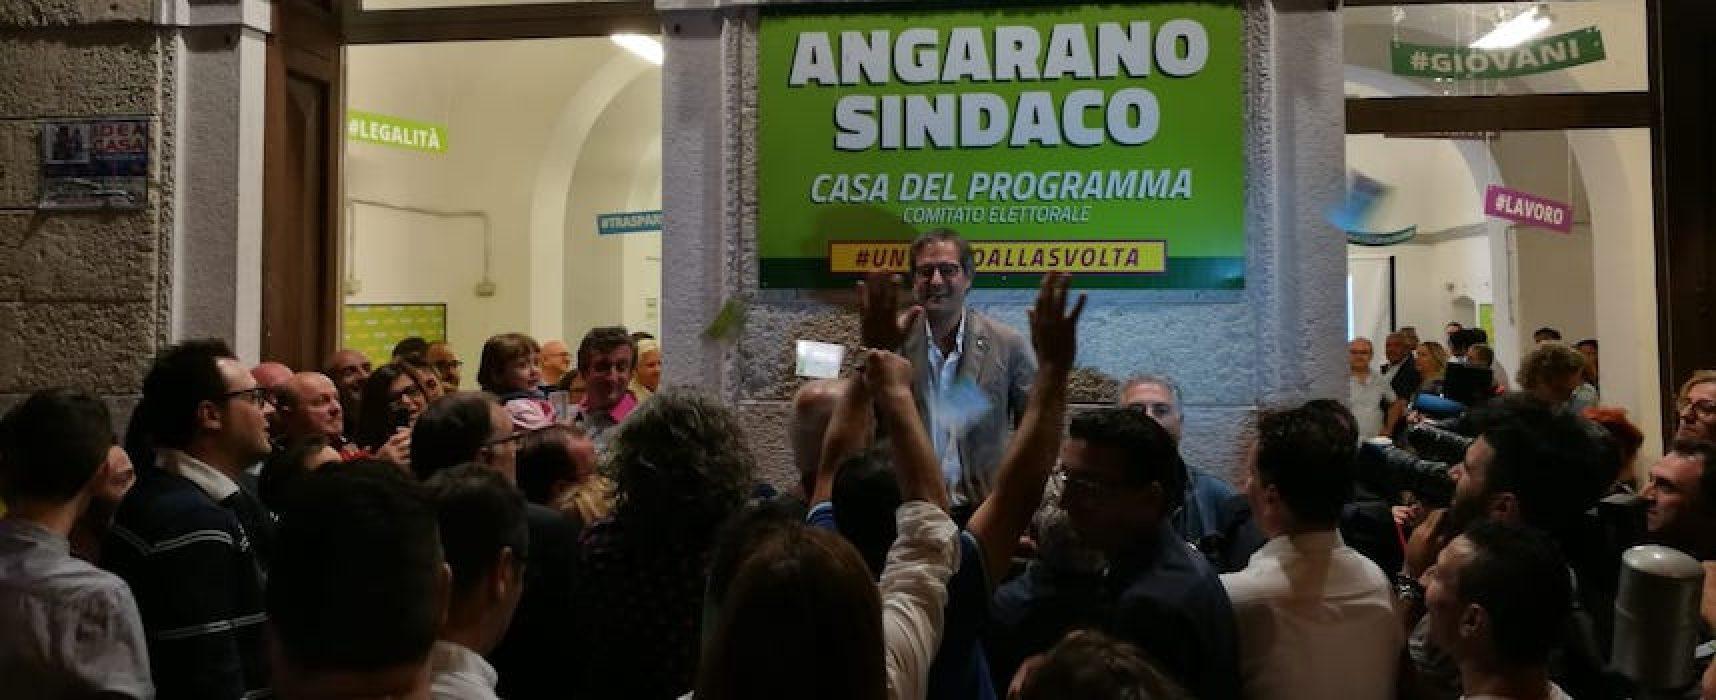 Bisceglie ha un nuovo sindaco: Angelantonio Angarano vince al ballottaggio